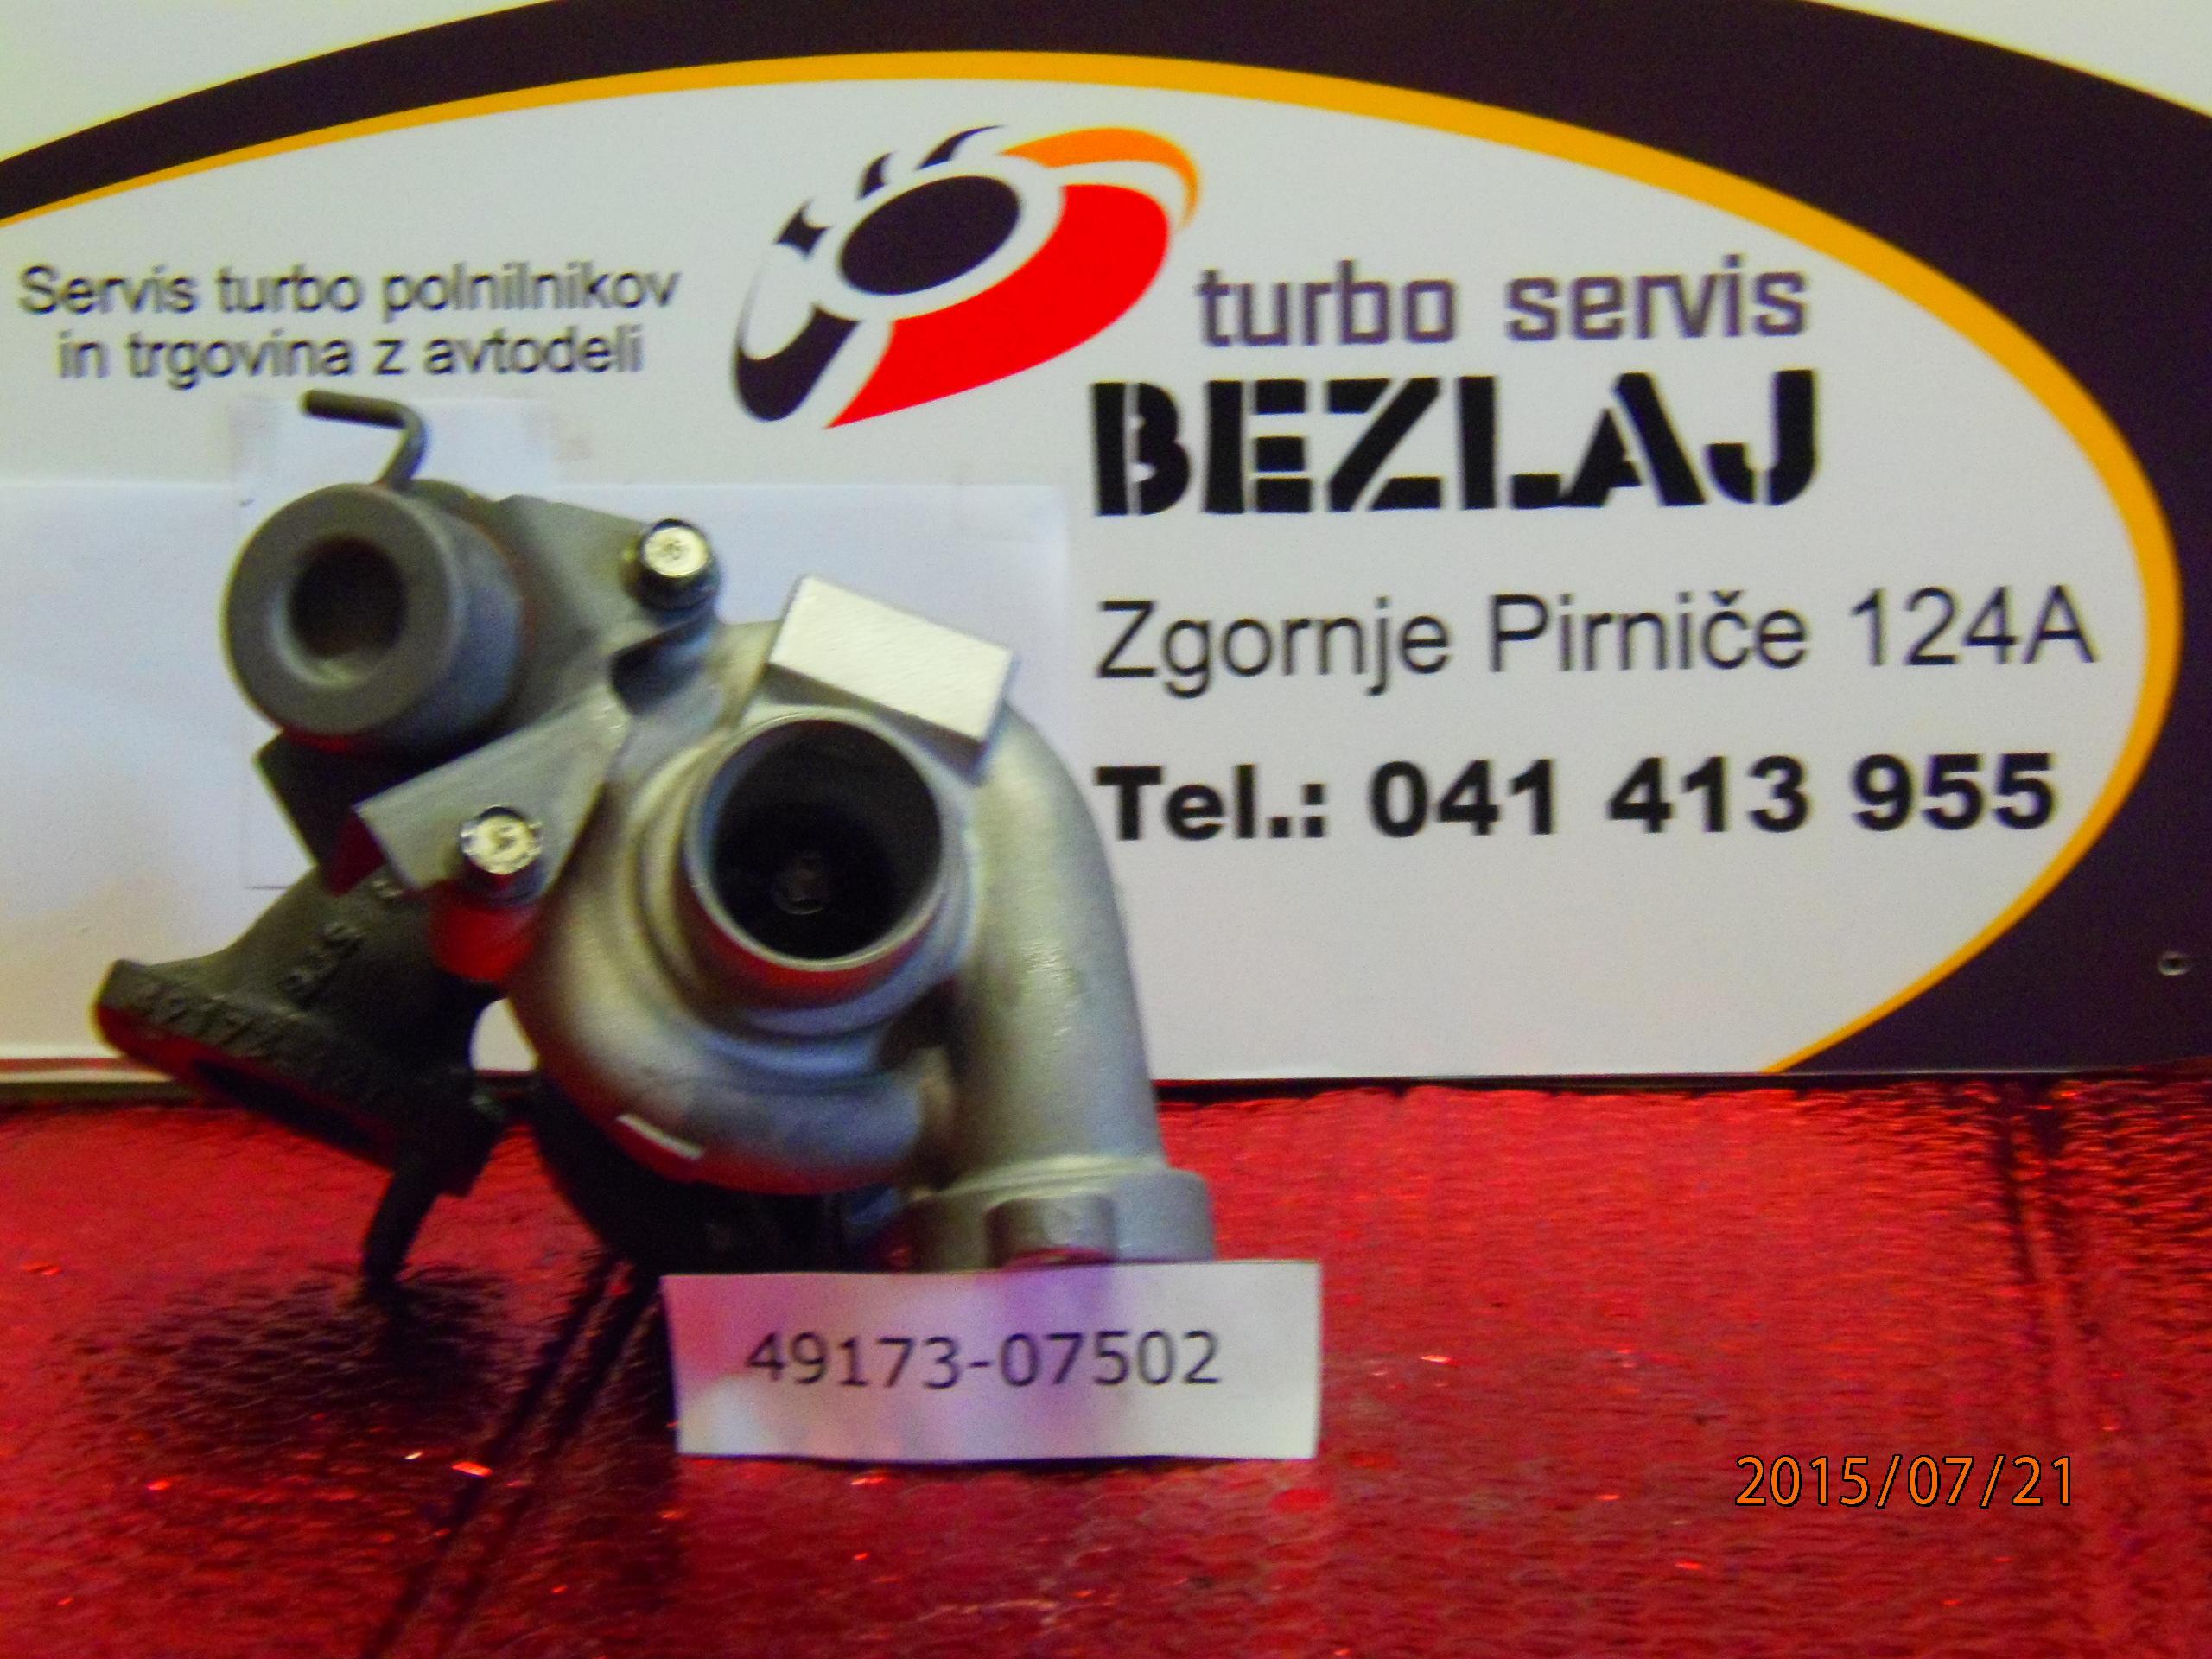 turbo49173-07502 (3)